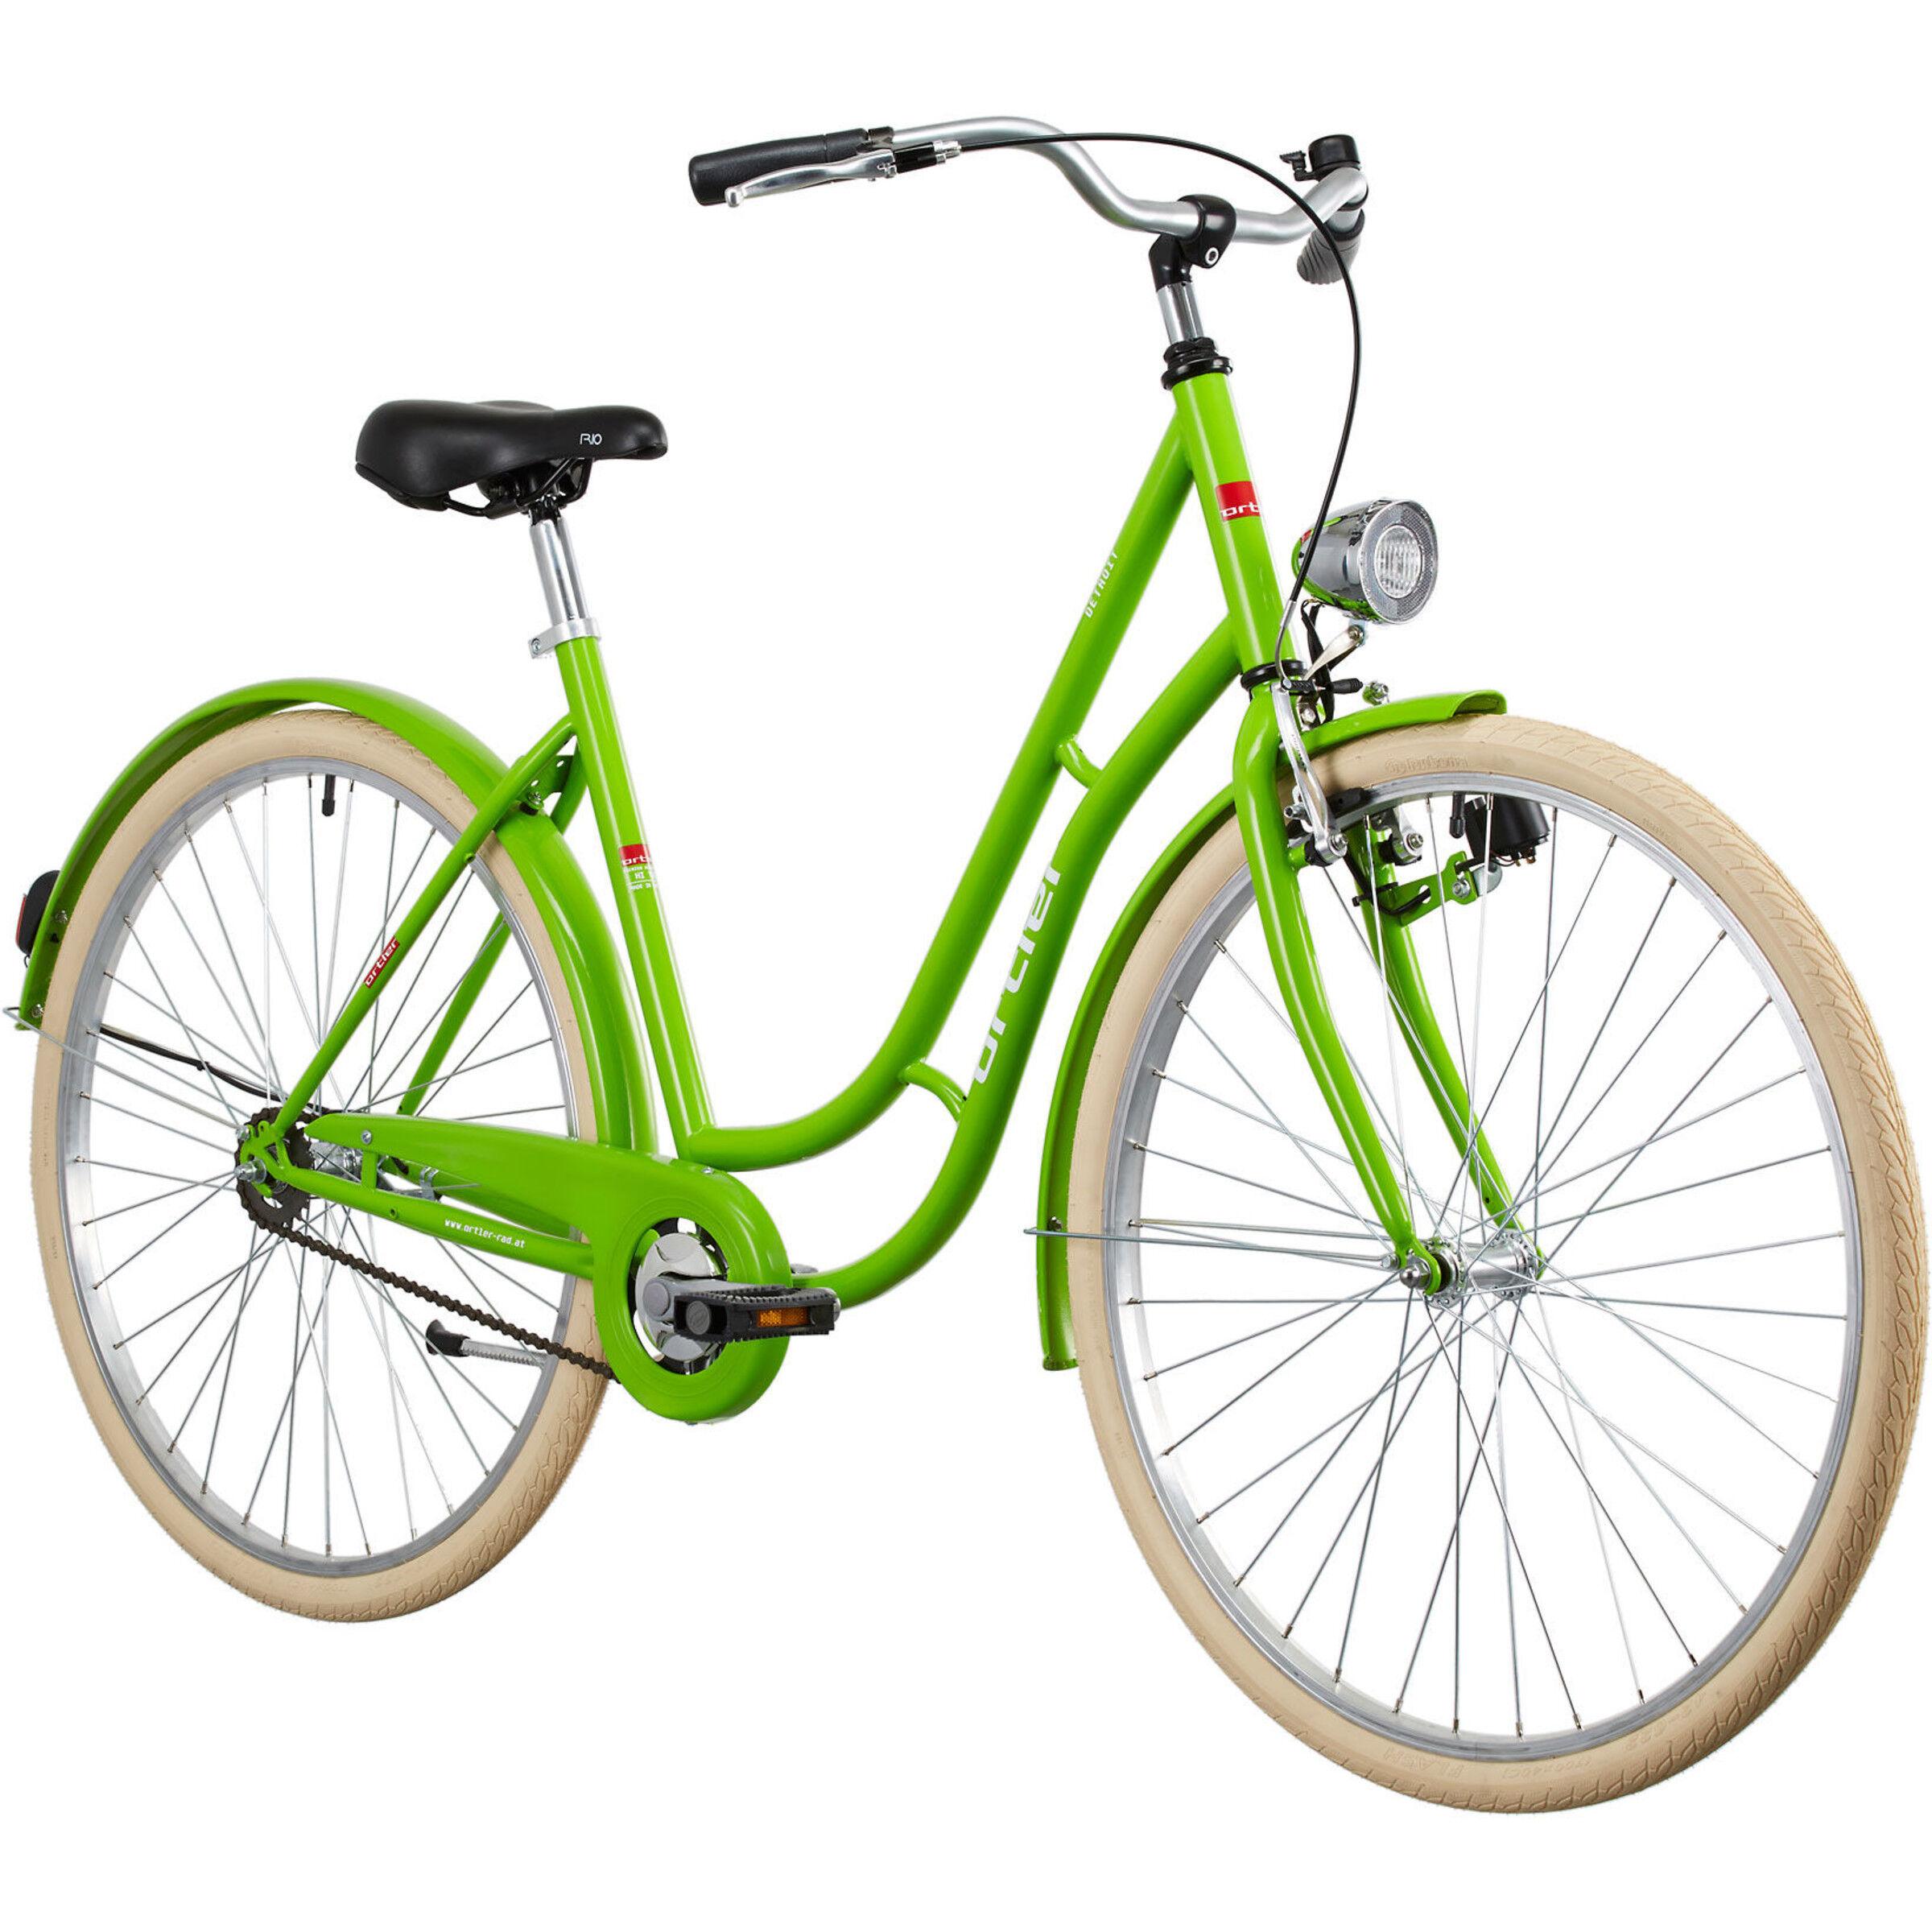 Holland Rad Fahrrad Rahmen Schutz für Räder mit tiefen Einstieg